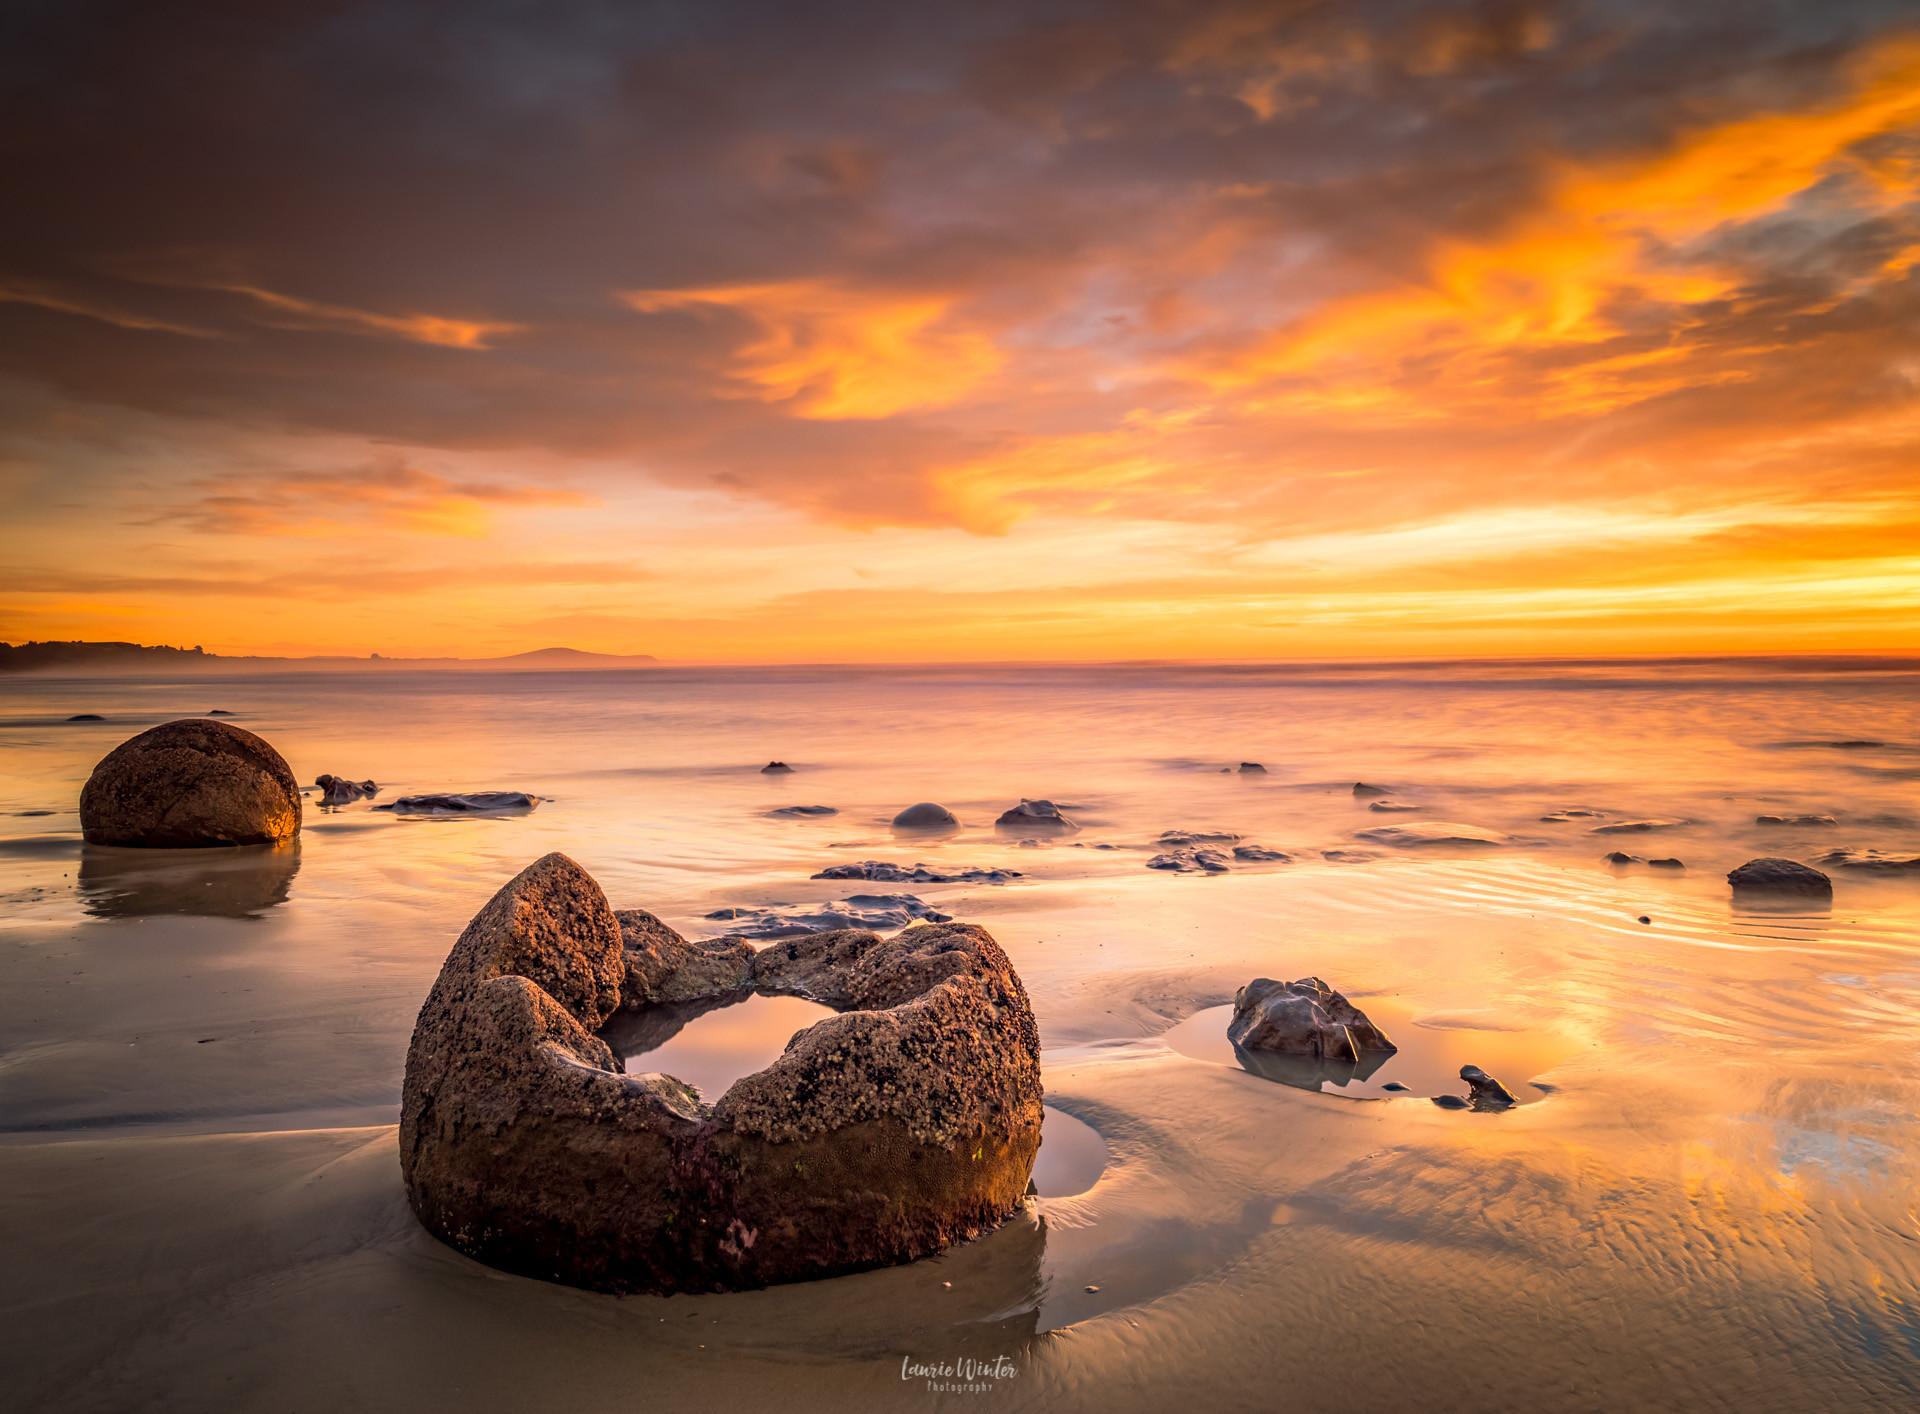 sunrise-moeraki-boulders-oamaru-new-zeal